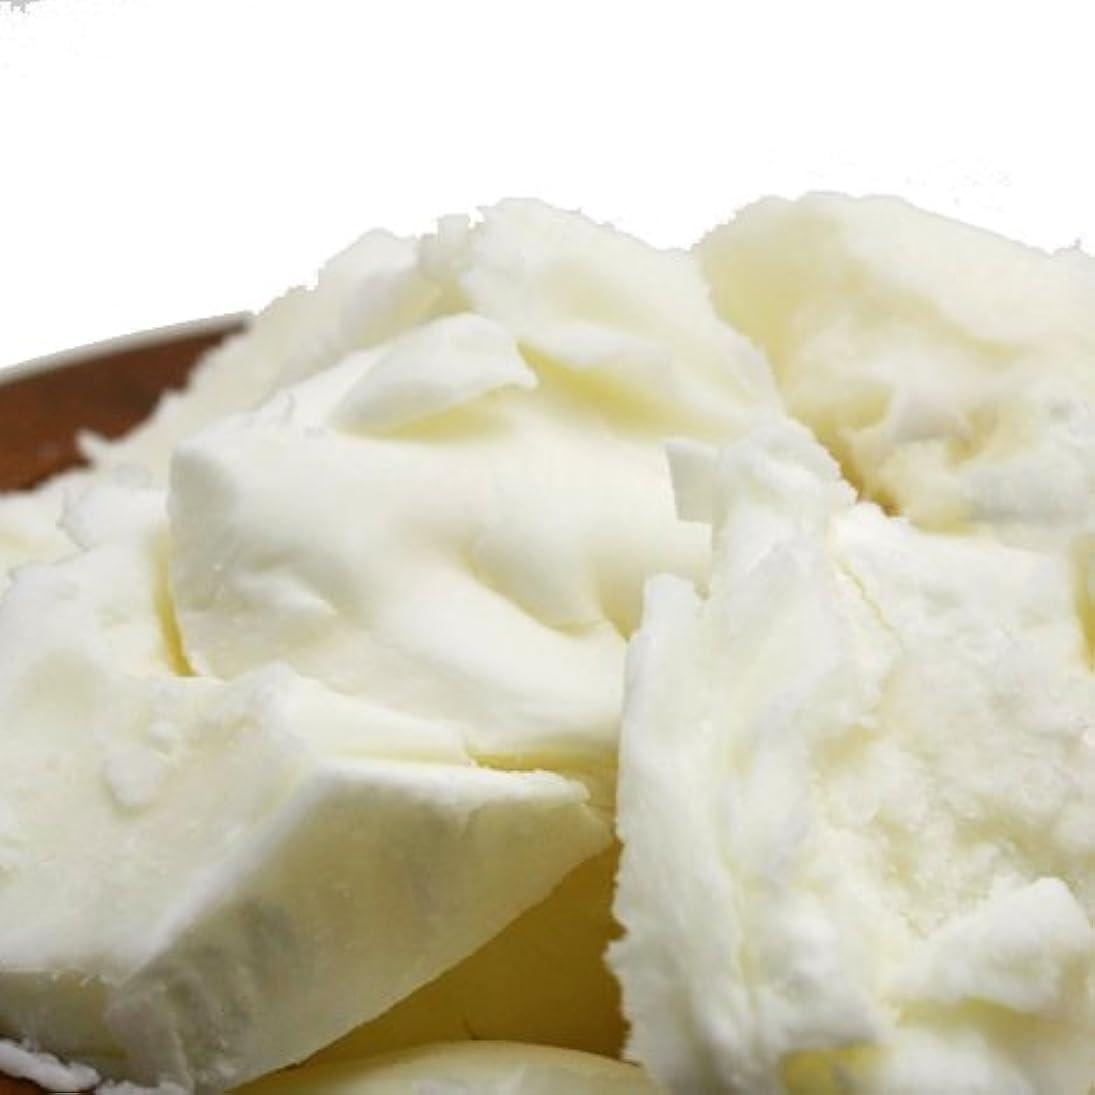 秘書作成するトリクル精製シアバター 100g シア脂 【手作り石鹸/手作りコスメ/手作り化粧品】